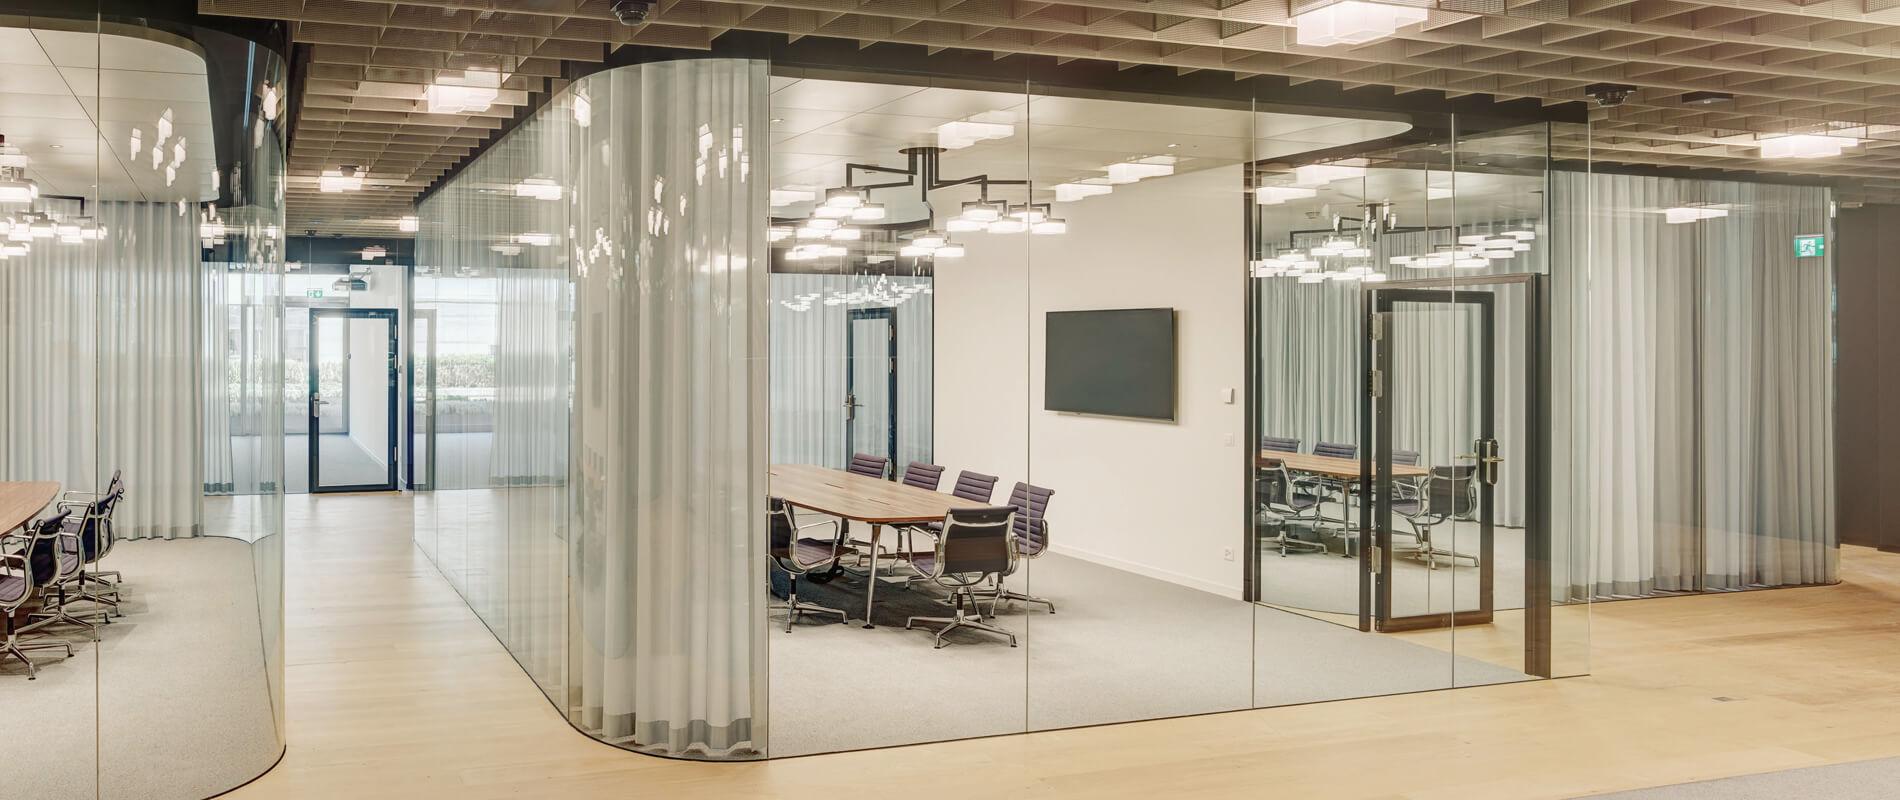 Seminarräume, Ambassador Haus |Referenz |Ettinger Partner